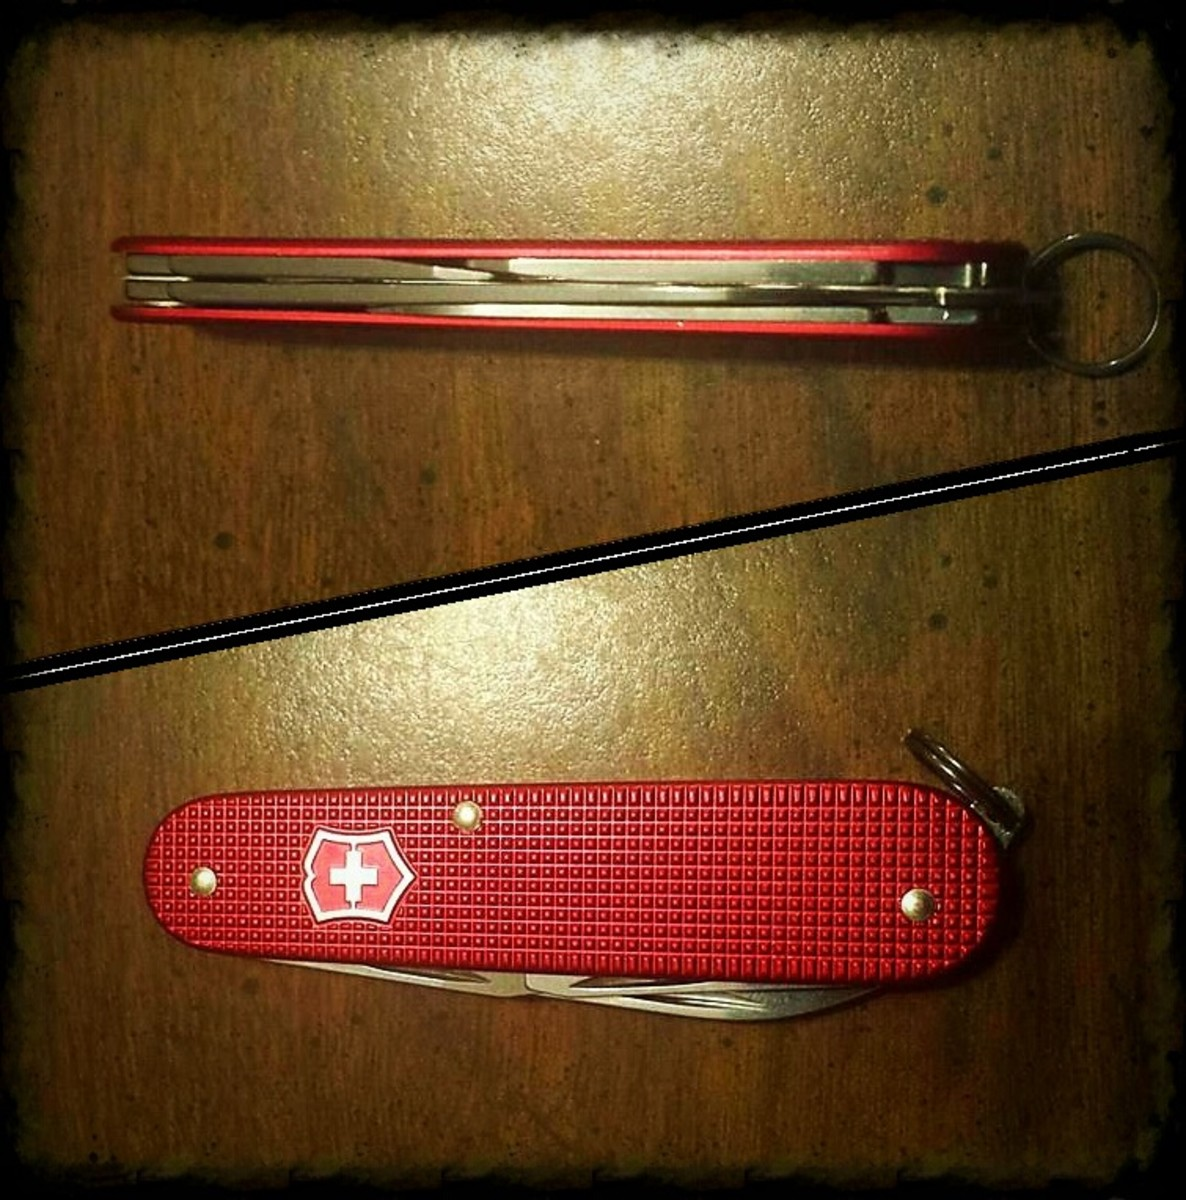 Victorinox Cadet The Minimalist S Swiss Army Knife